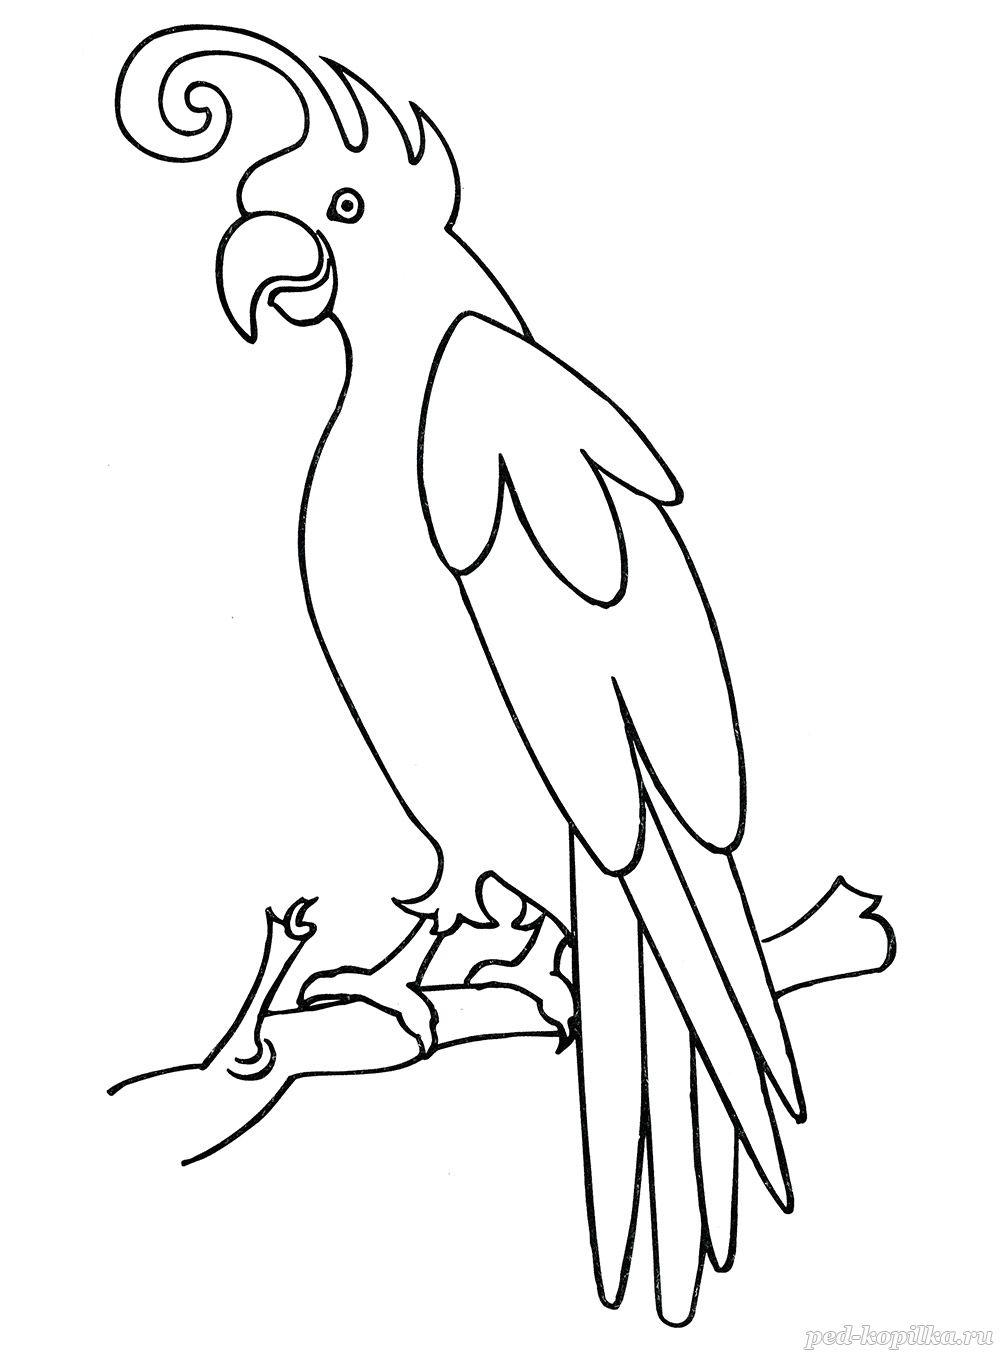 раскраска для детей попугай